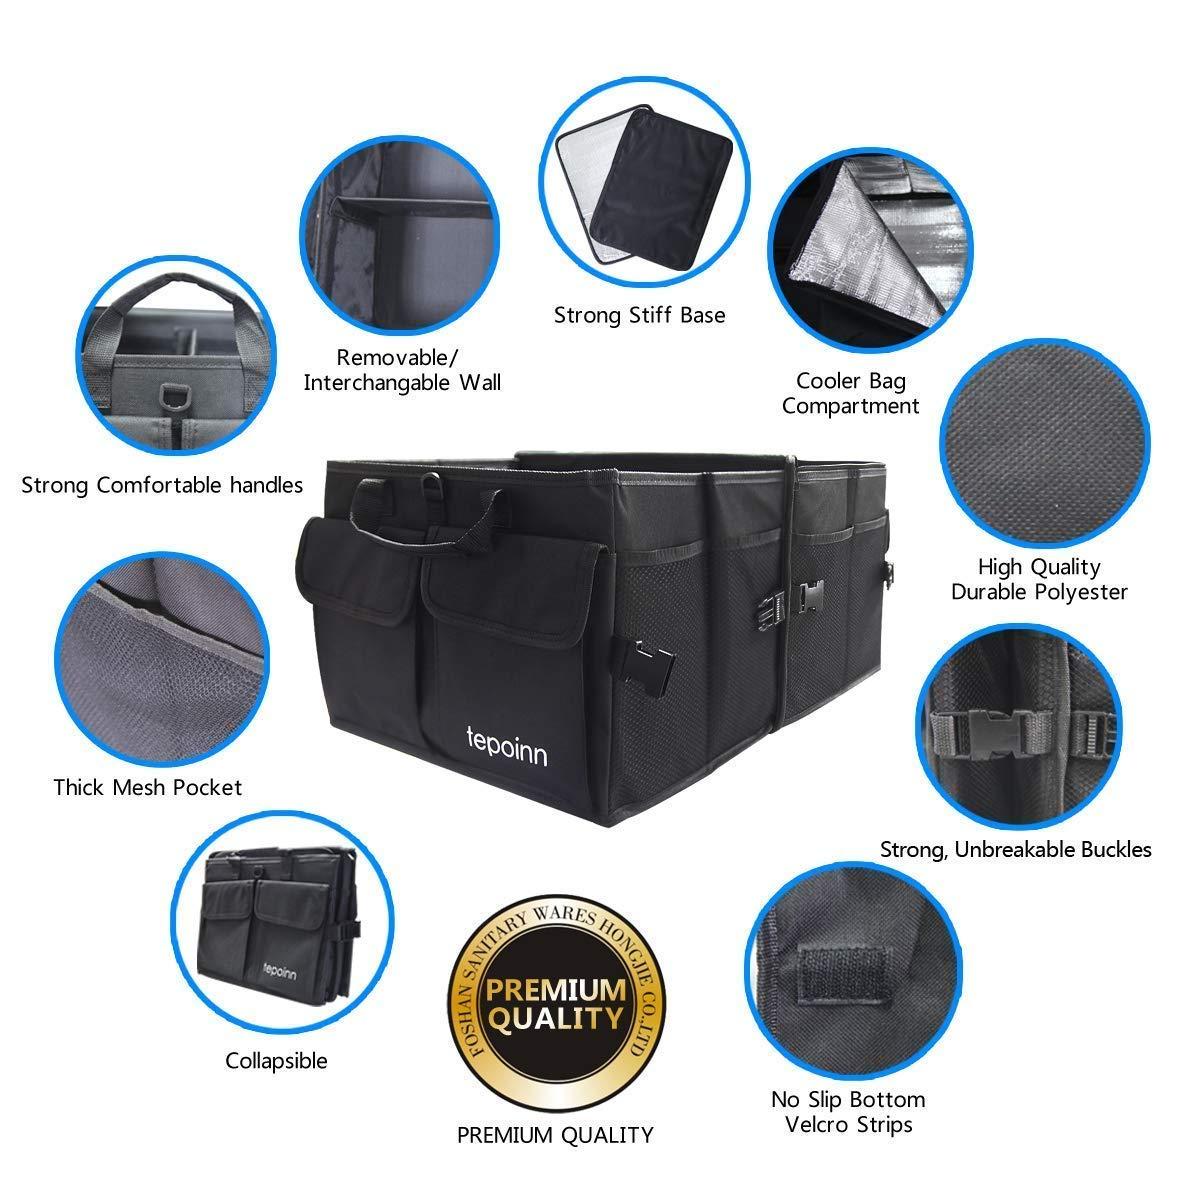 Tepoinn Organizzatore per Auto con Refrigerated compartment Durevole e pieghevole grande capacit/à Borse per Bagagliaio Auto perfetto per qualsiasi veicolo